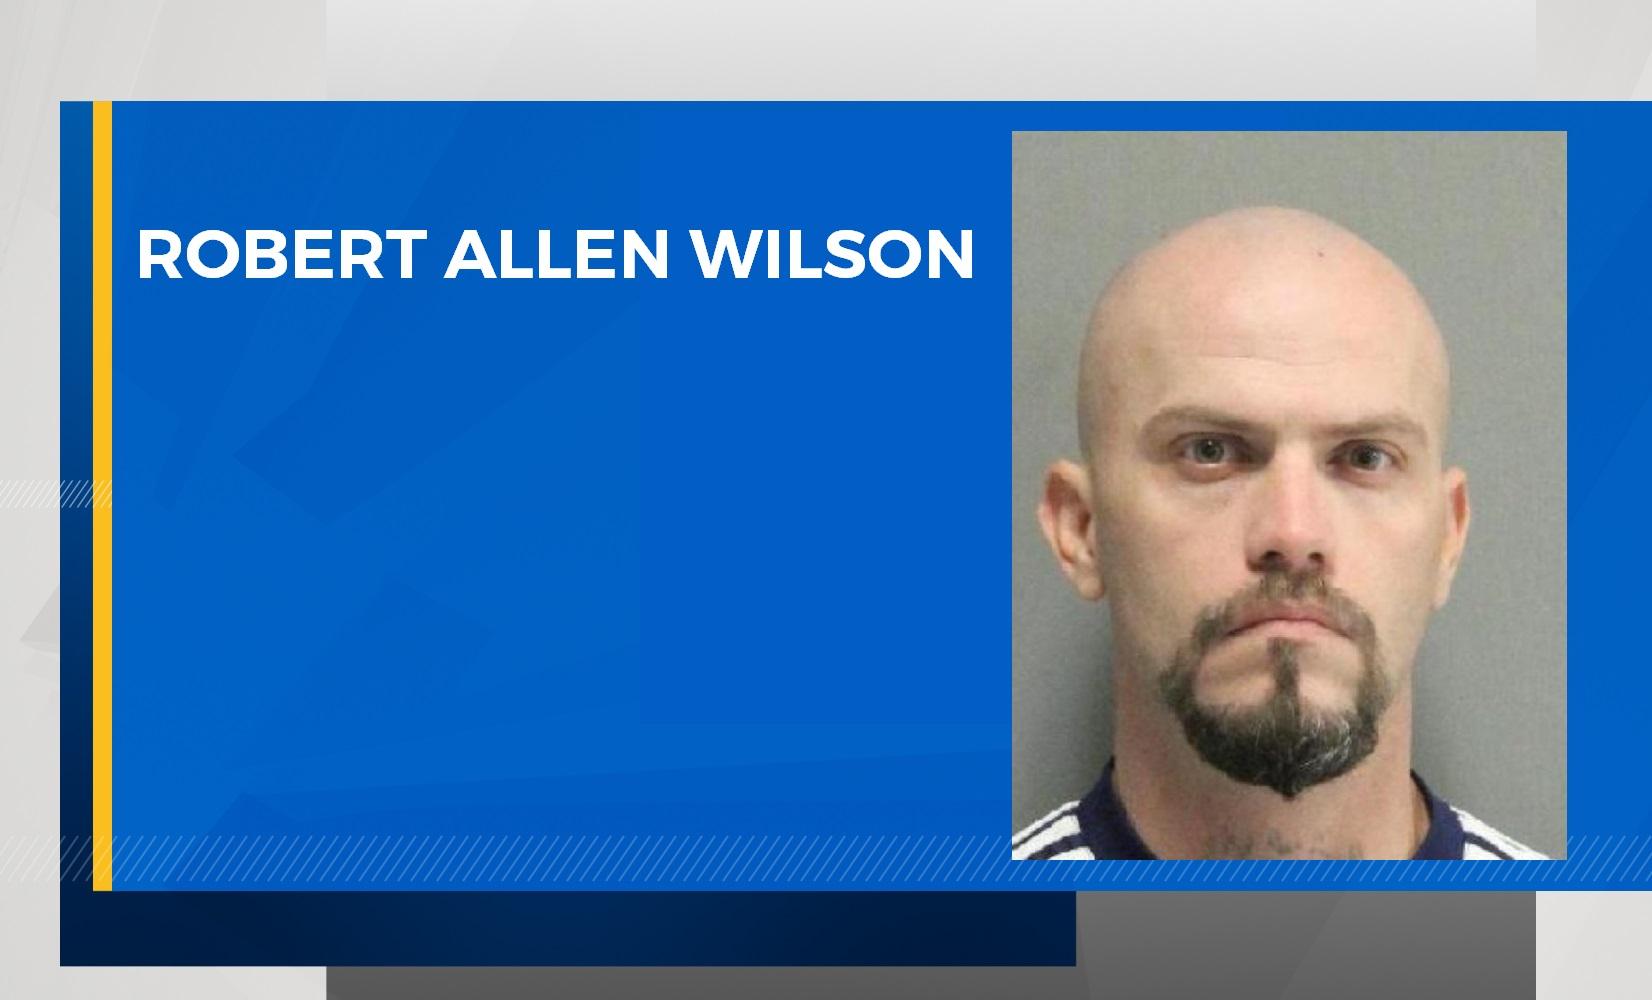 Robert Allen Wilson sentenced to 200 years in prison